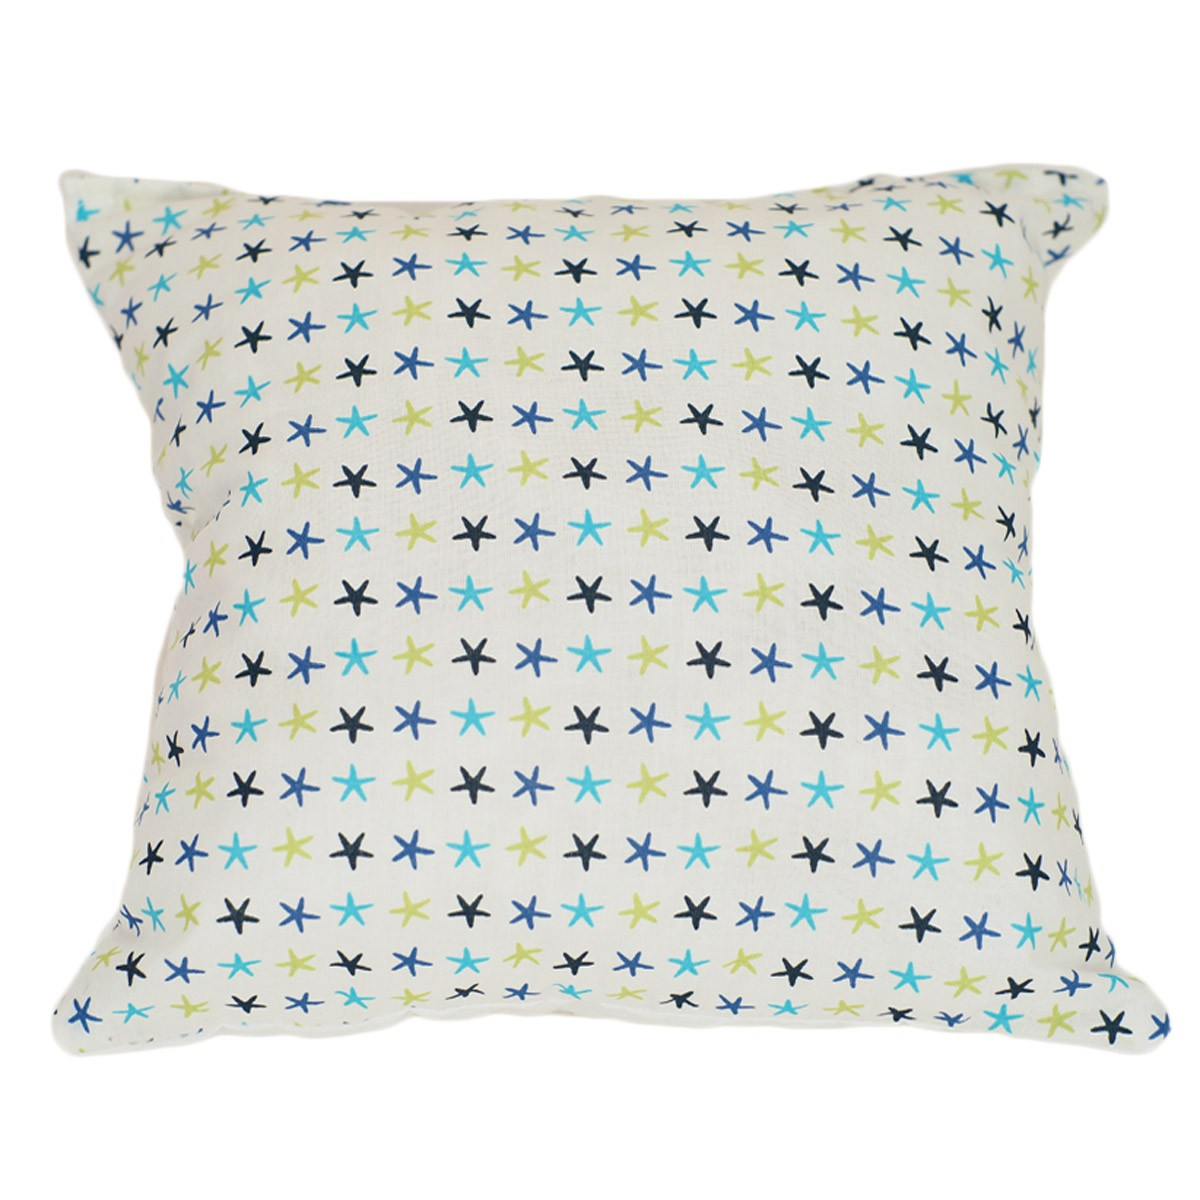 Διακοσμητικό Μαξιλάρι Ninna Nanna Elephant Star